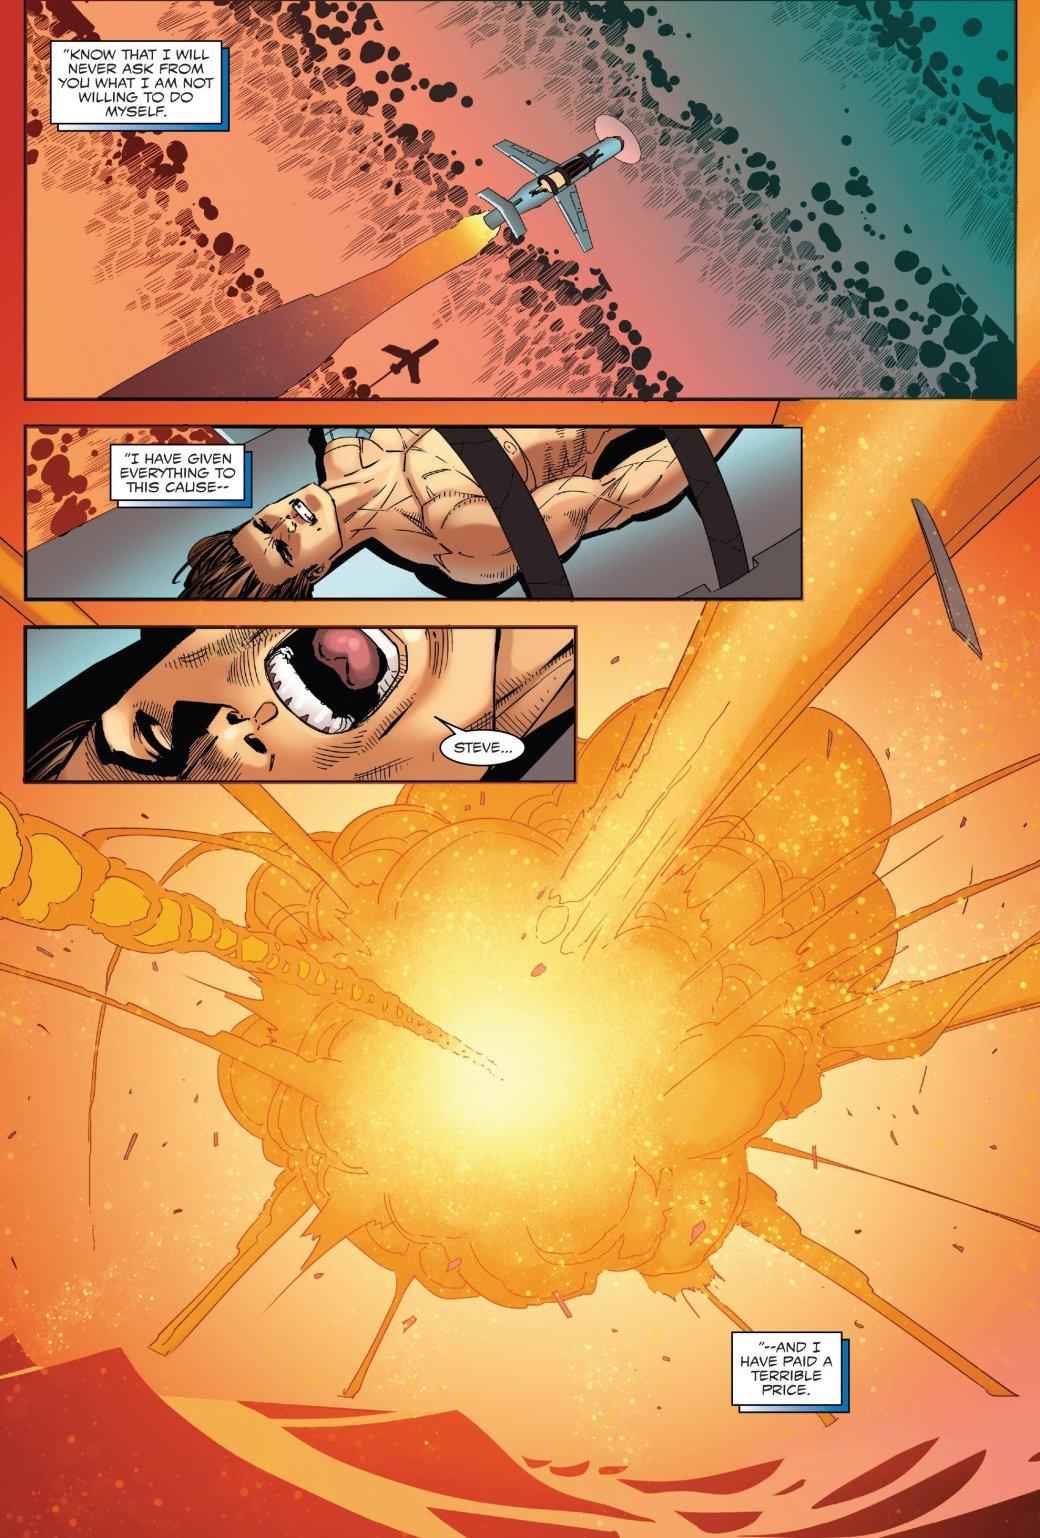 Почему изКапитана Америка получился отличный суперзлодей? - Изображение 12